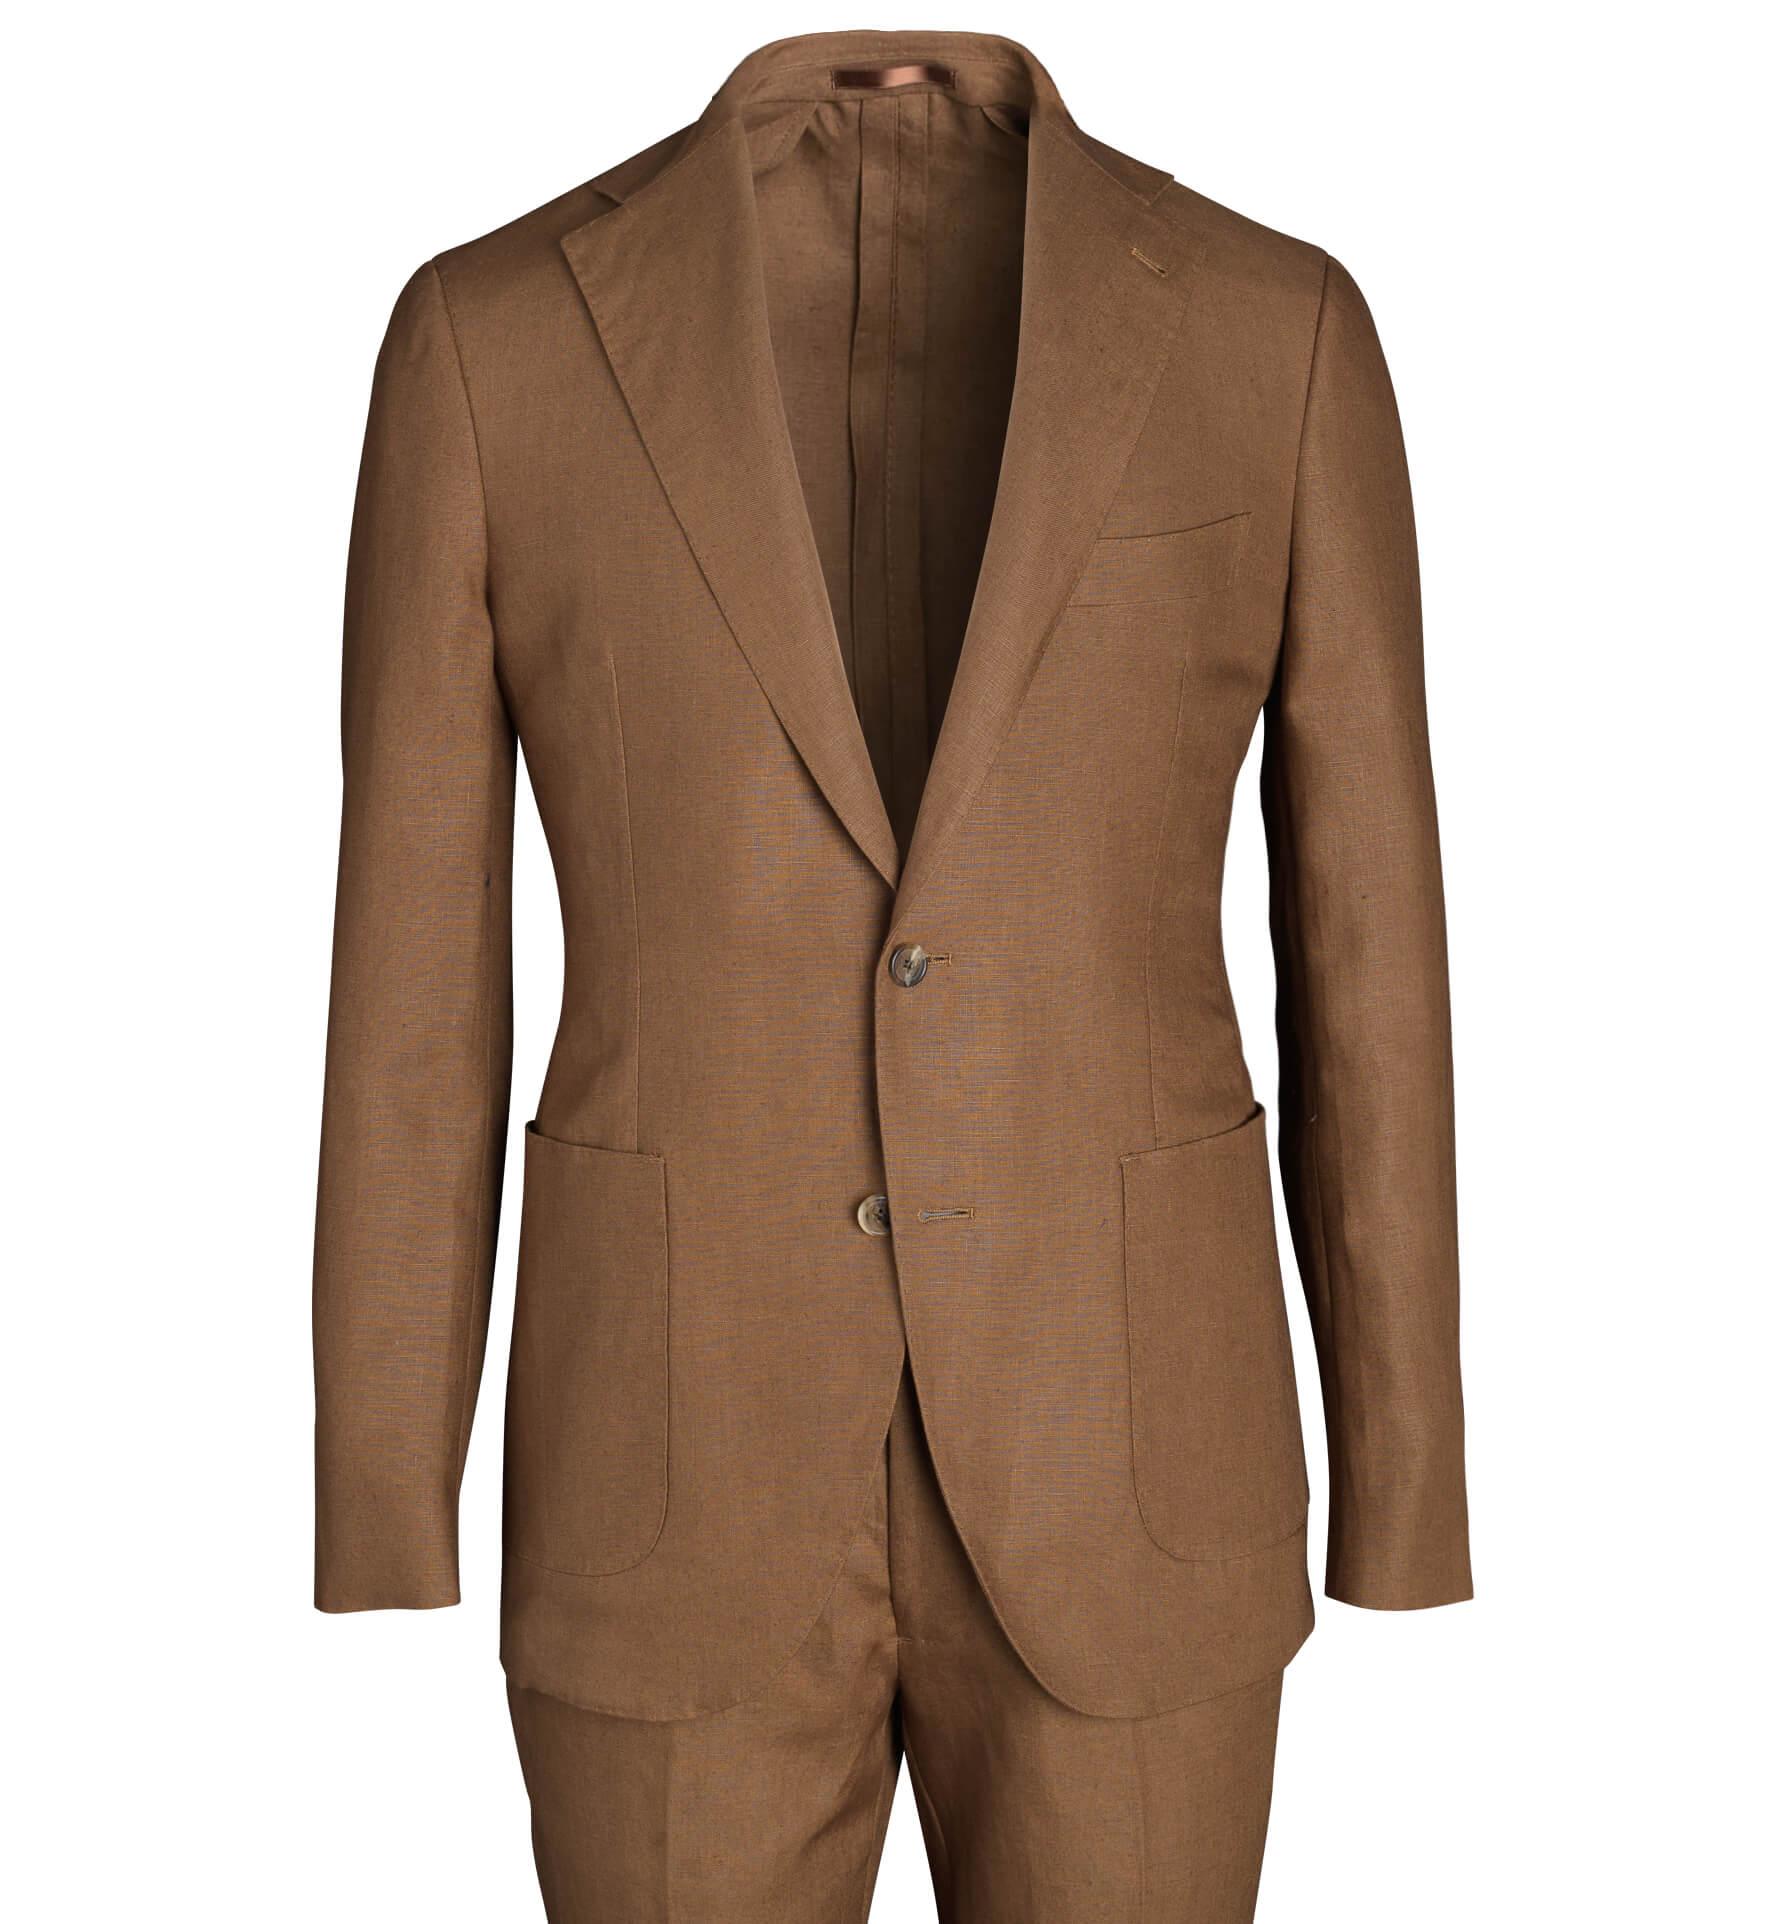 Zoom Image of Bedford Tobacco Irish Linen Suit